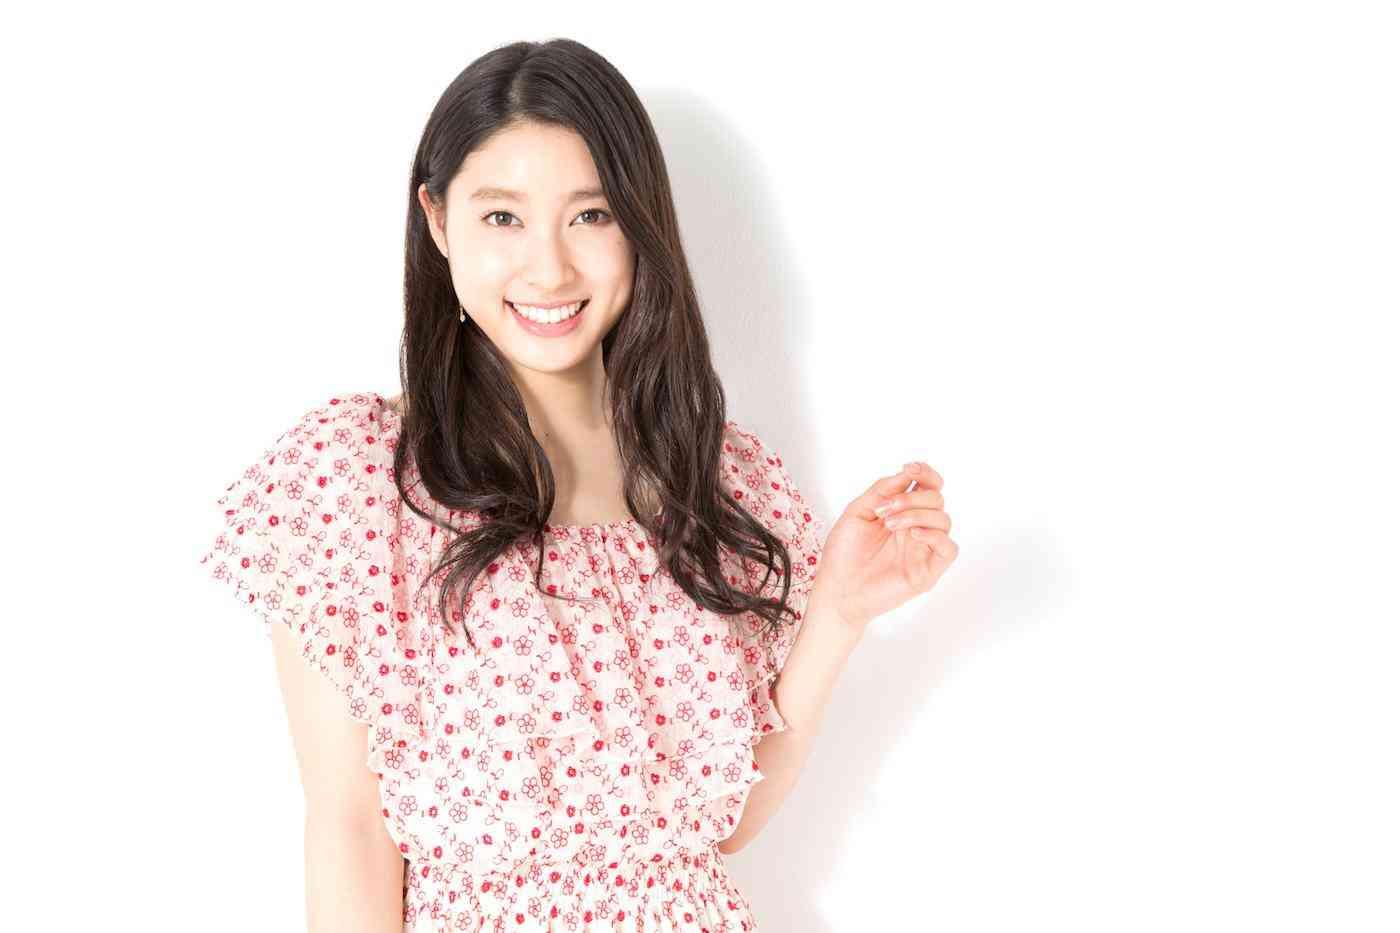 土屋太鳳インタビュー 香川照之に教えてもらった「女優として大切にしていること」 - ネタりか